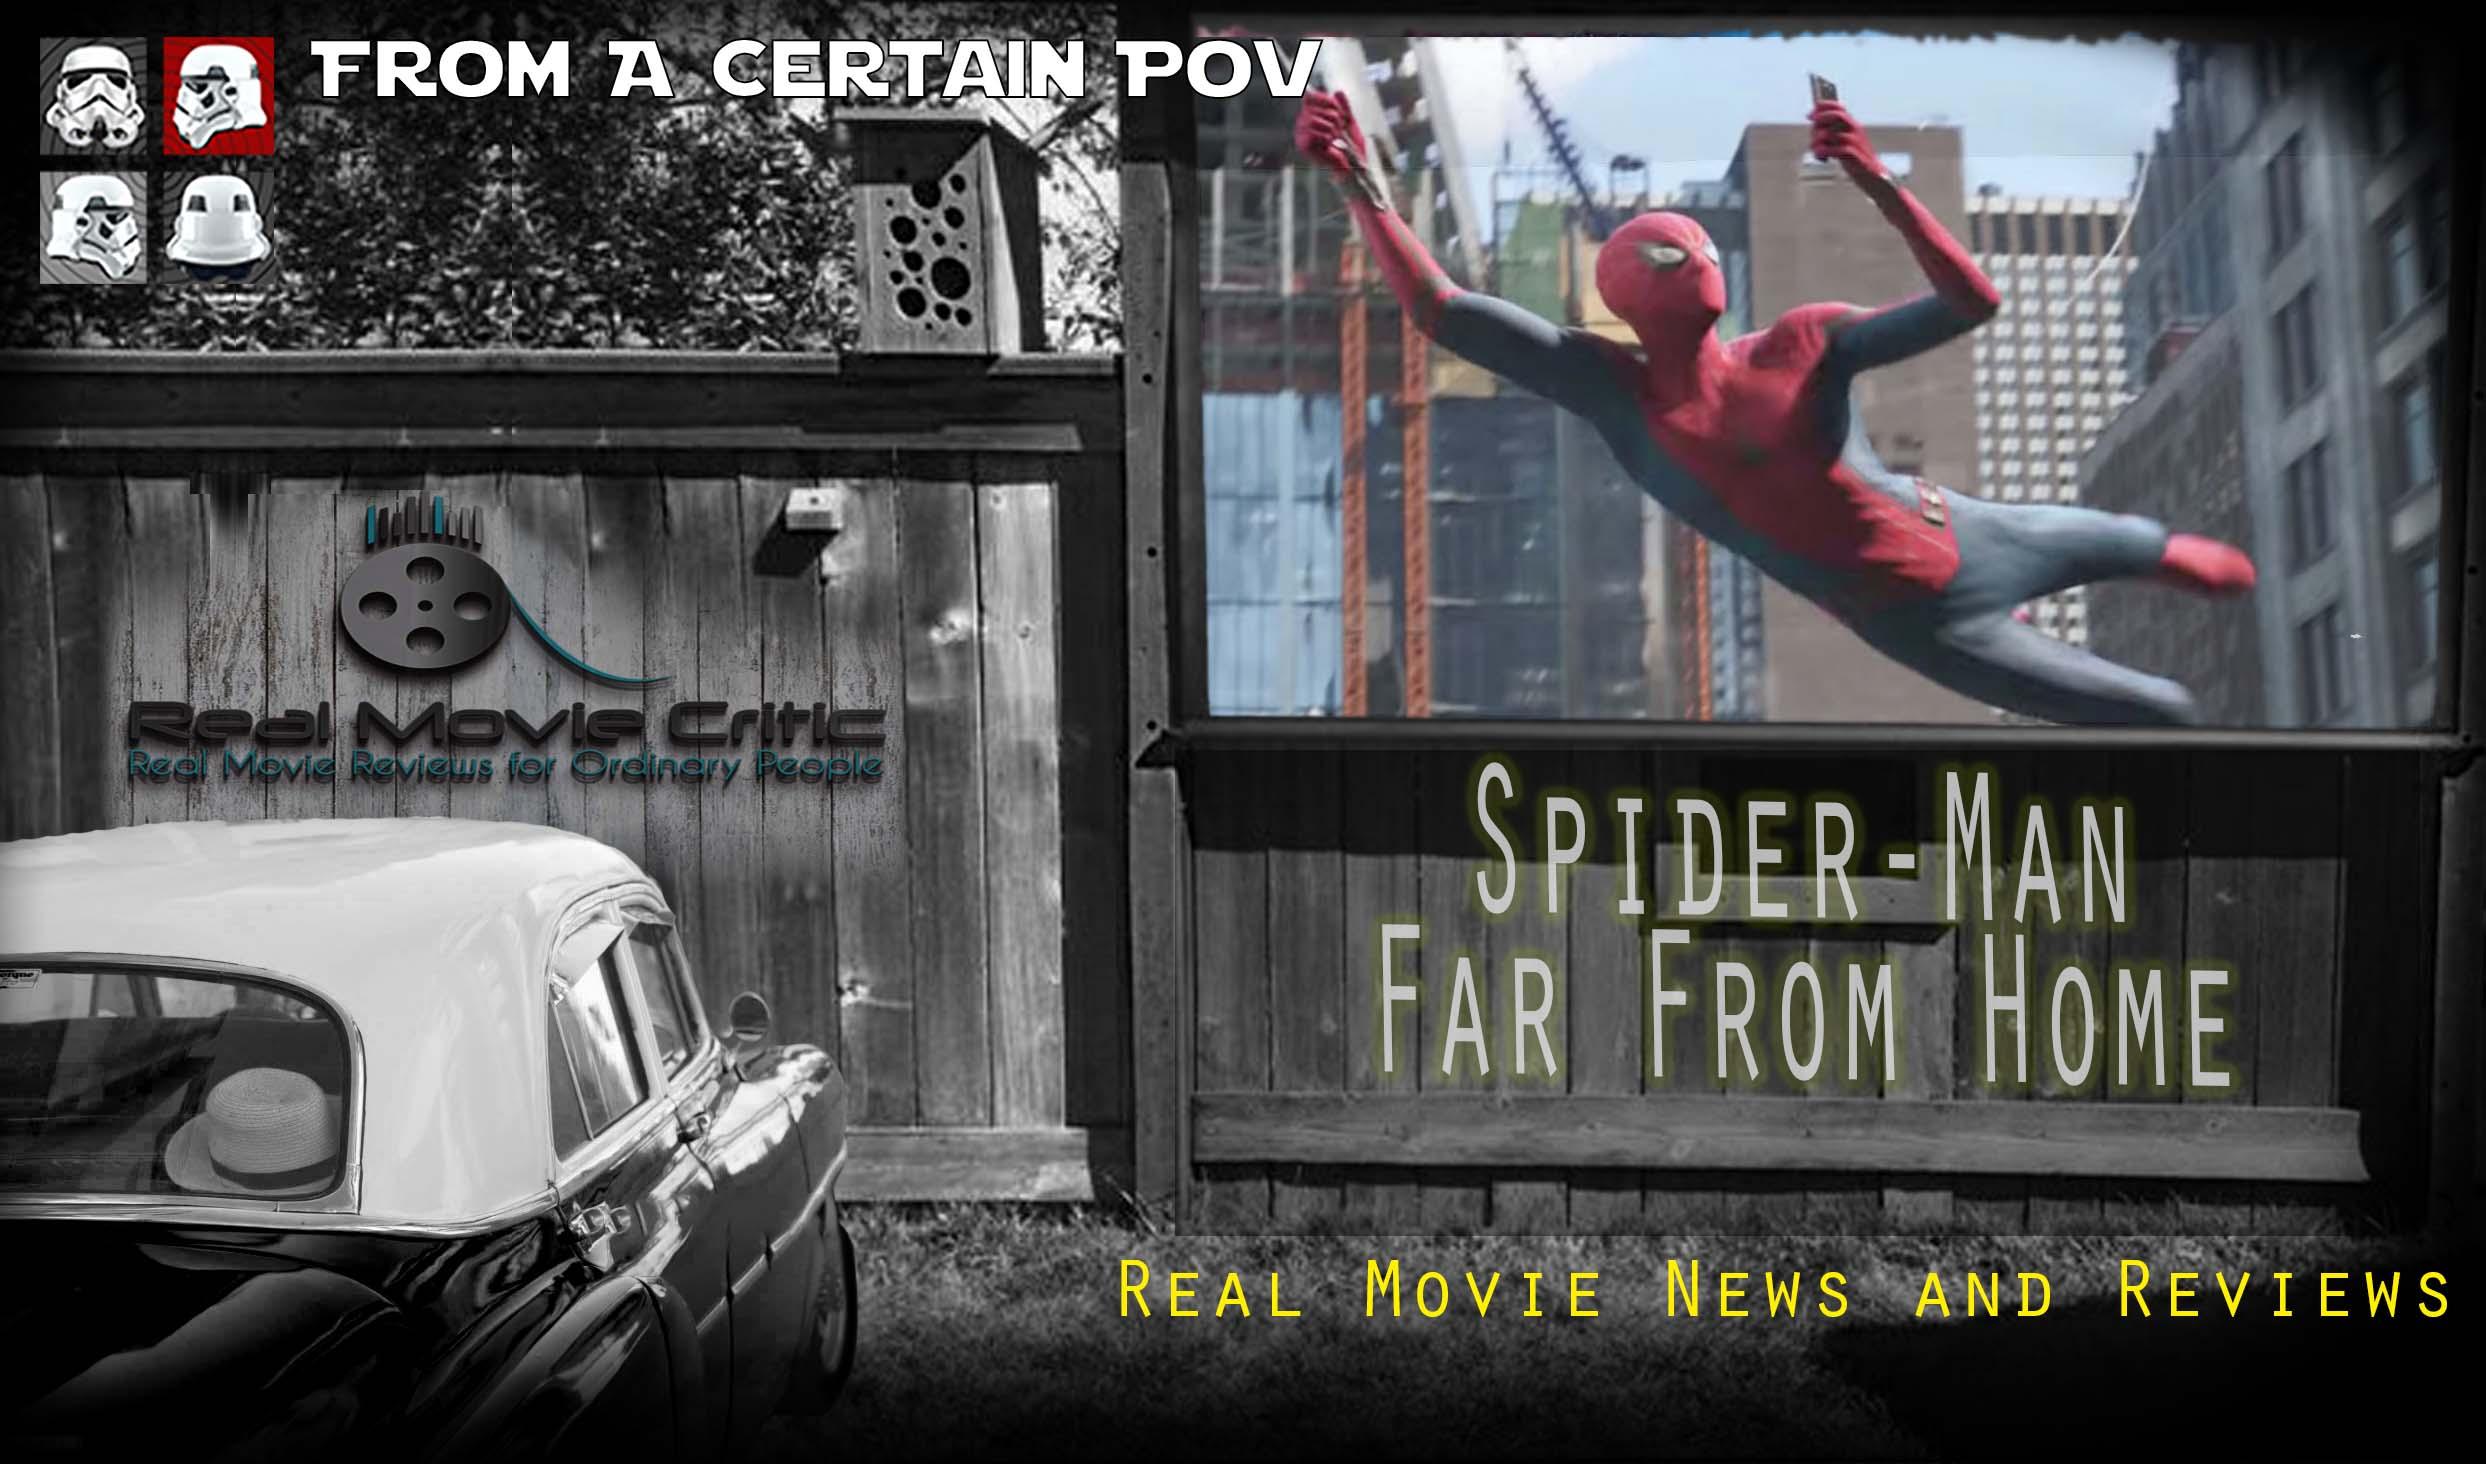 RMNR 07092019 Spiderman.jpg